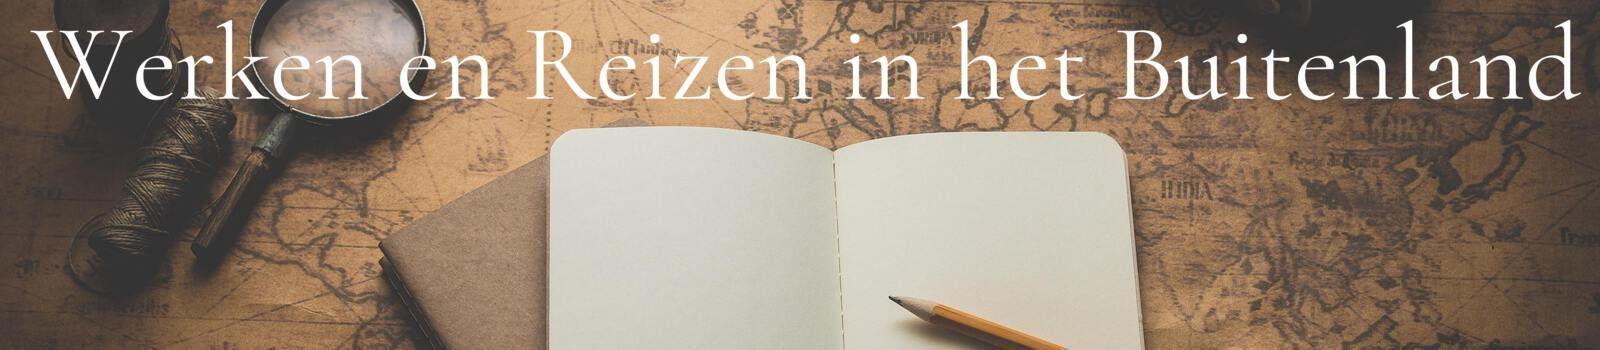 Werken en reizen in het buitenland